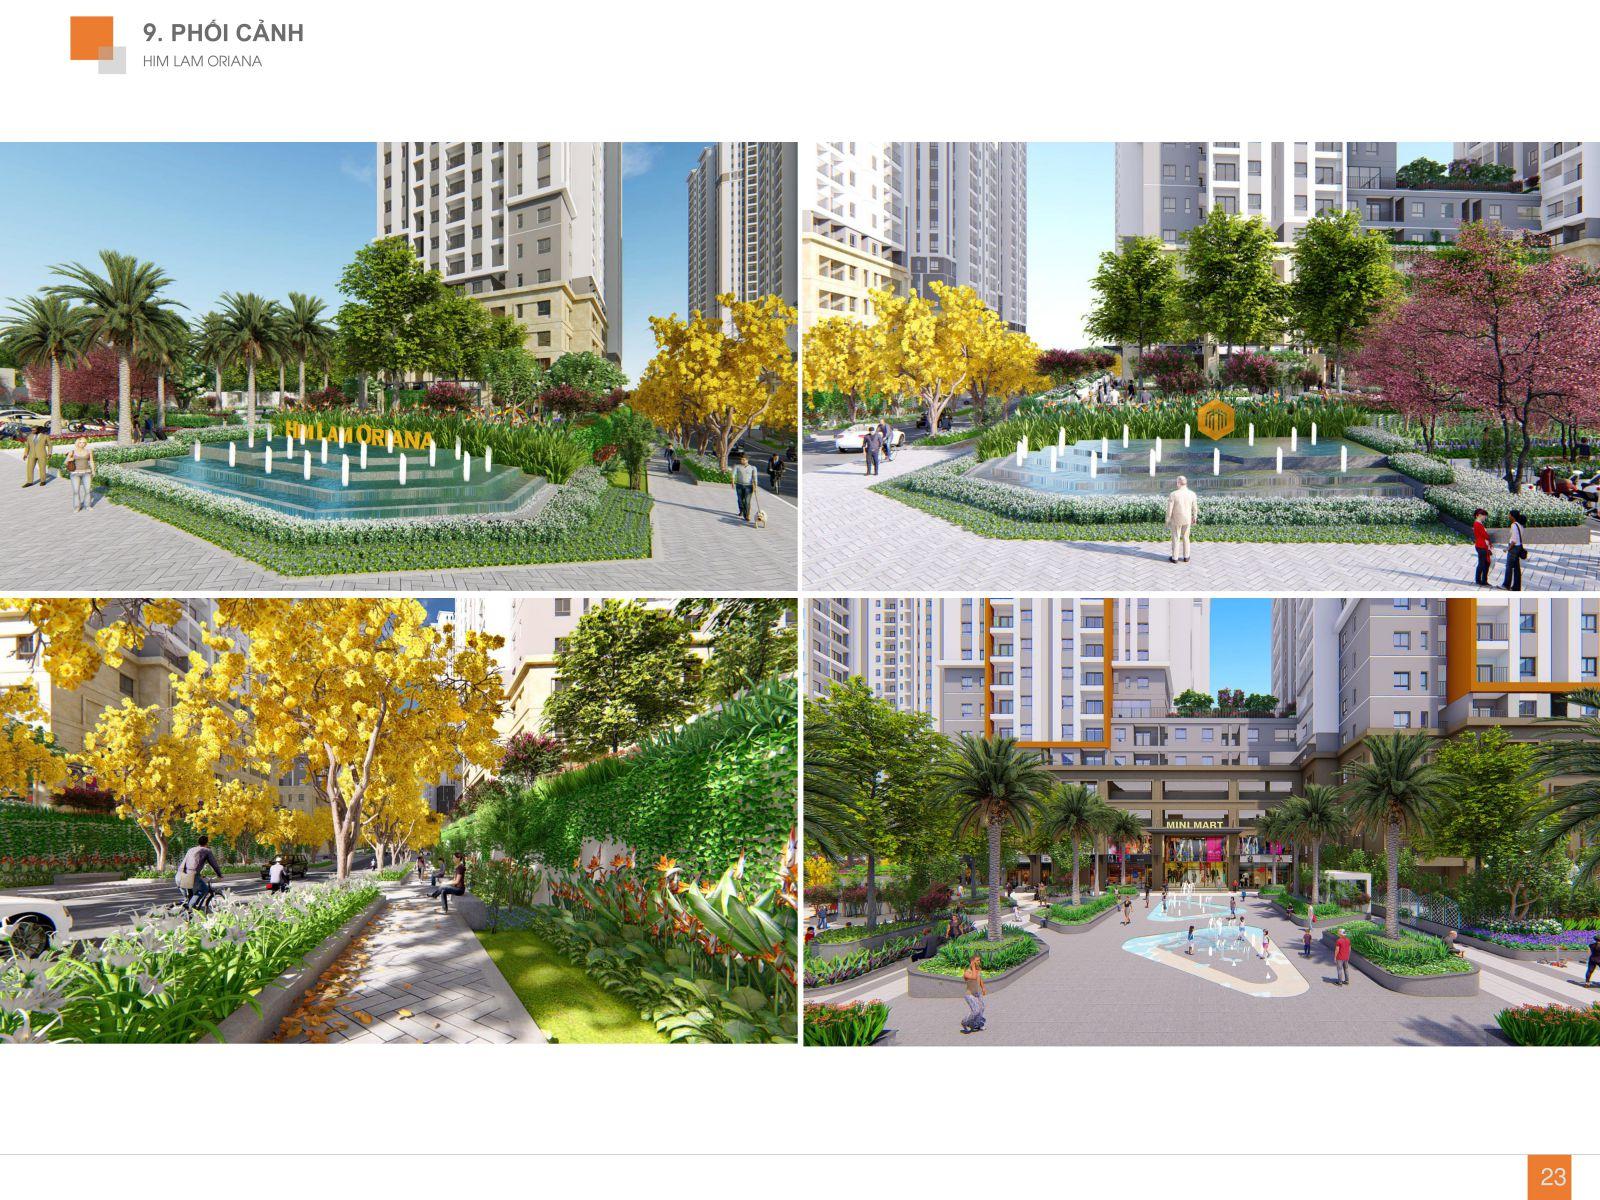 Công viên và quảng trường trung tâm